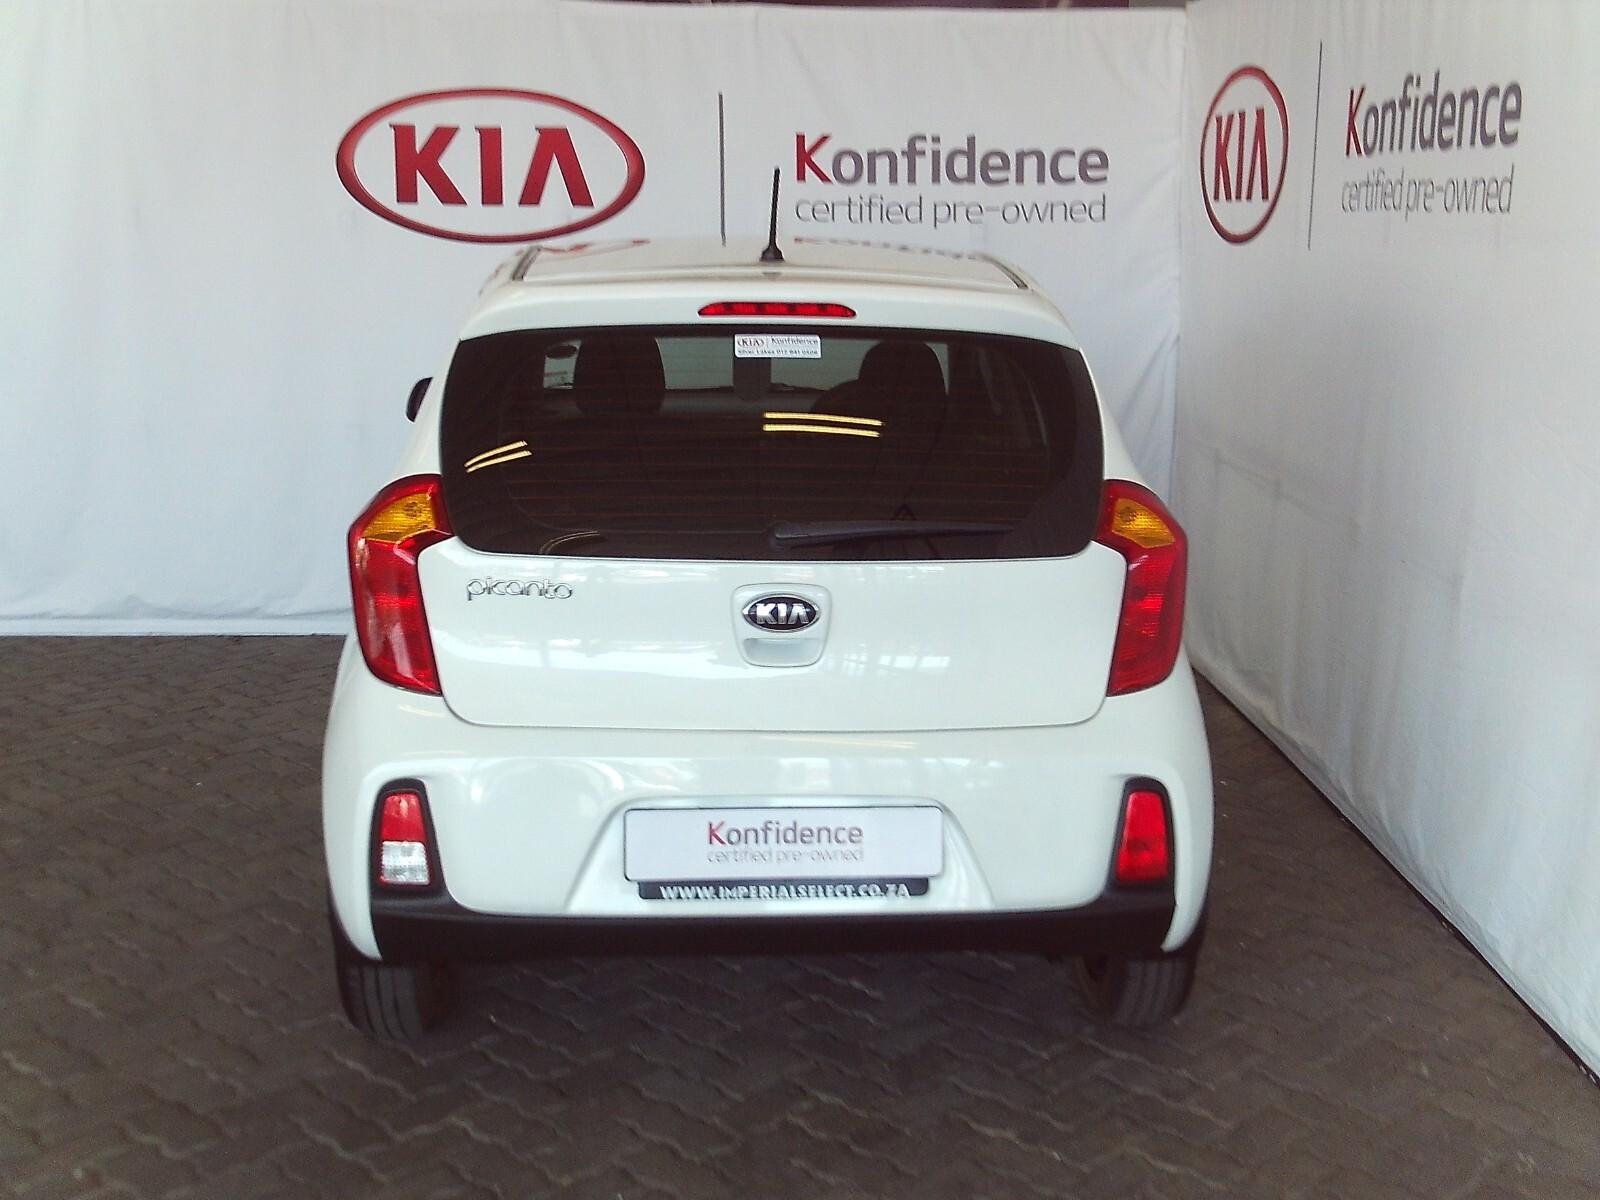 KIA 1.0 LX Pretoria 4332305